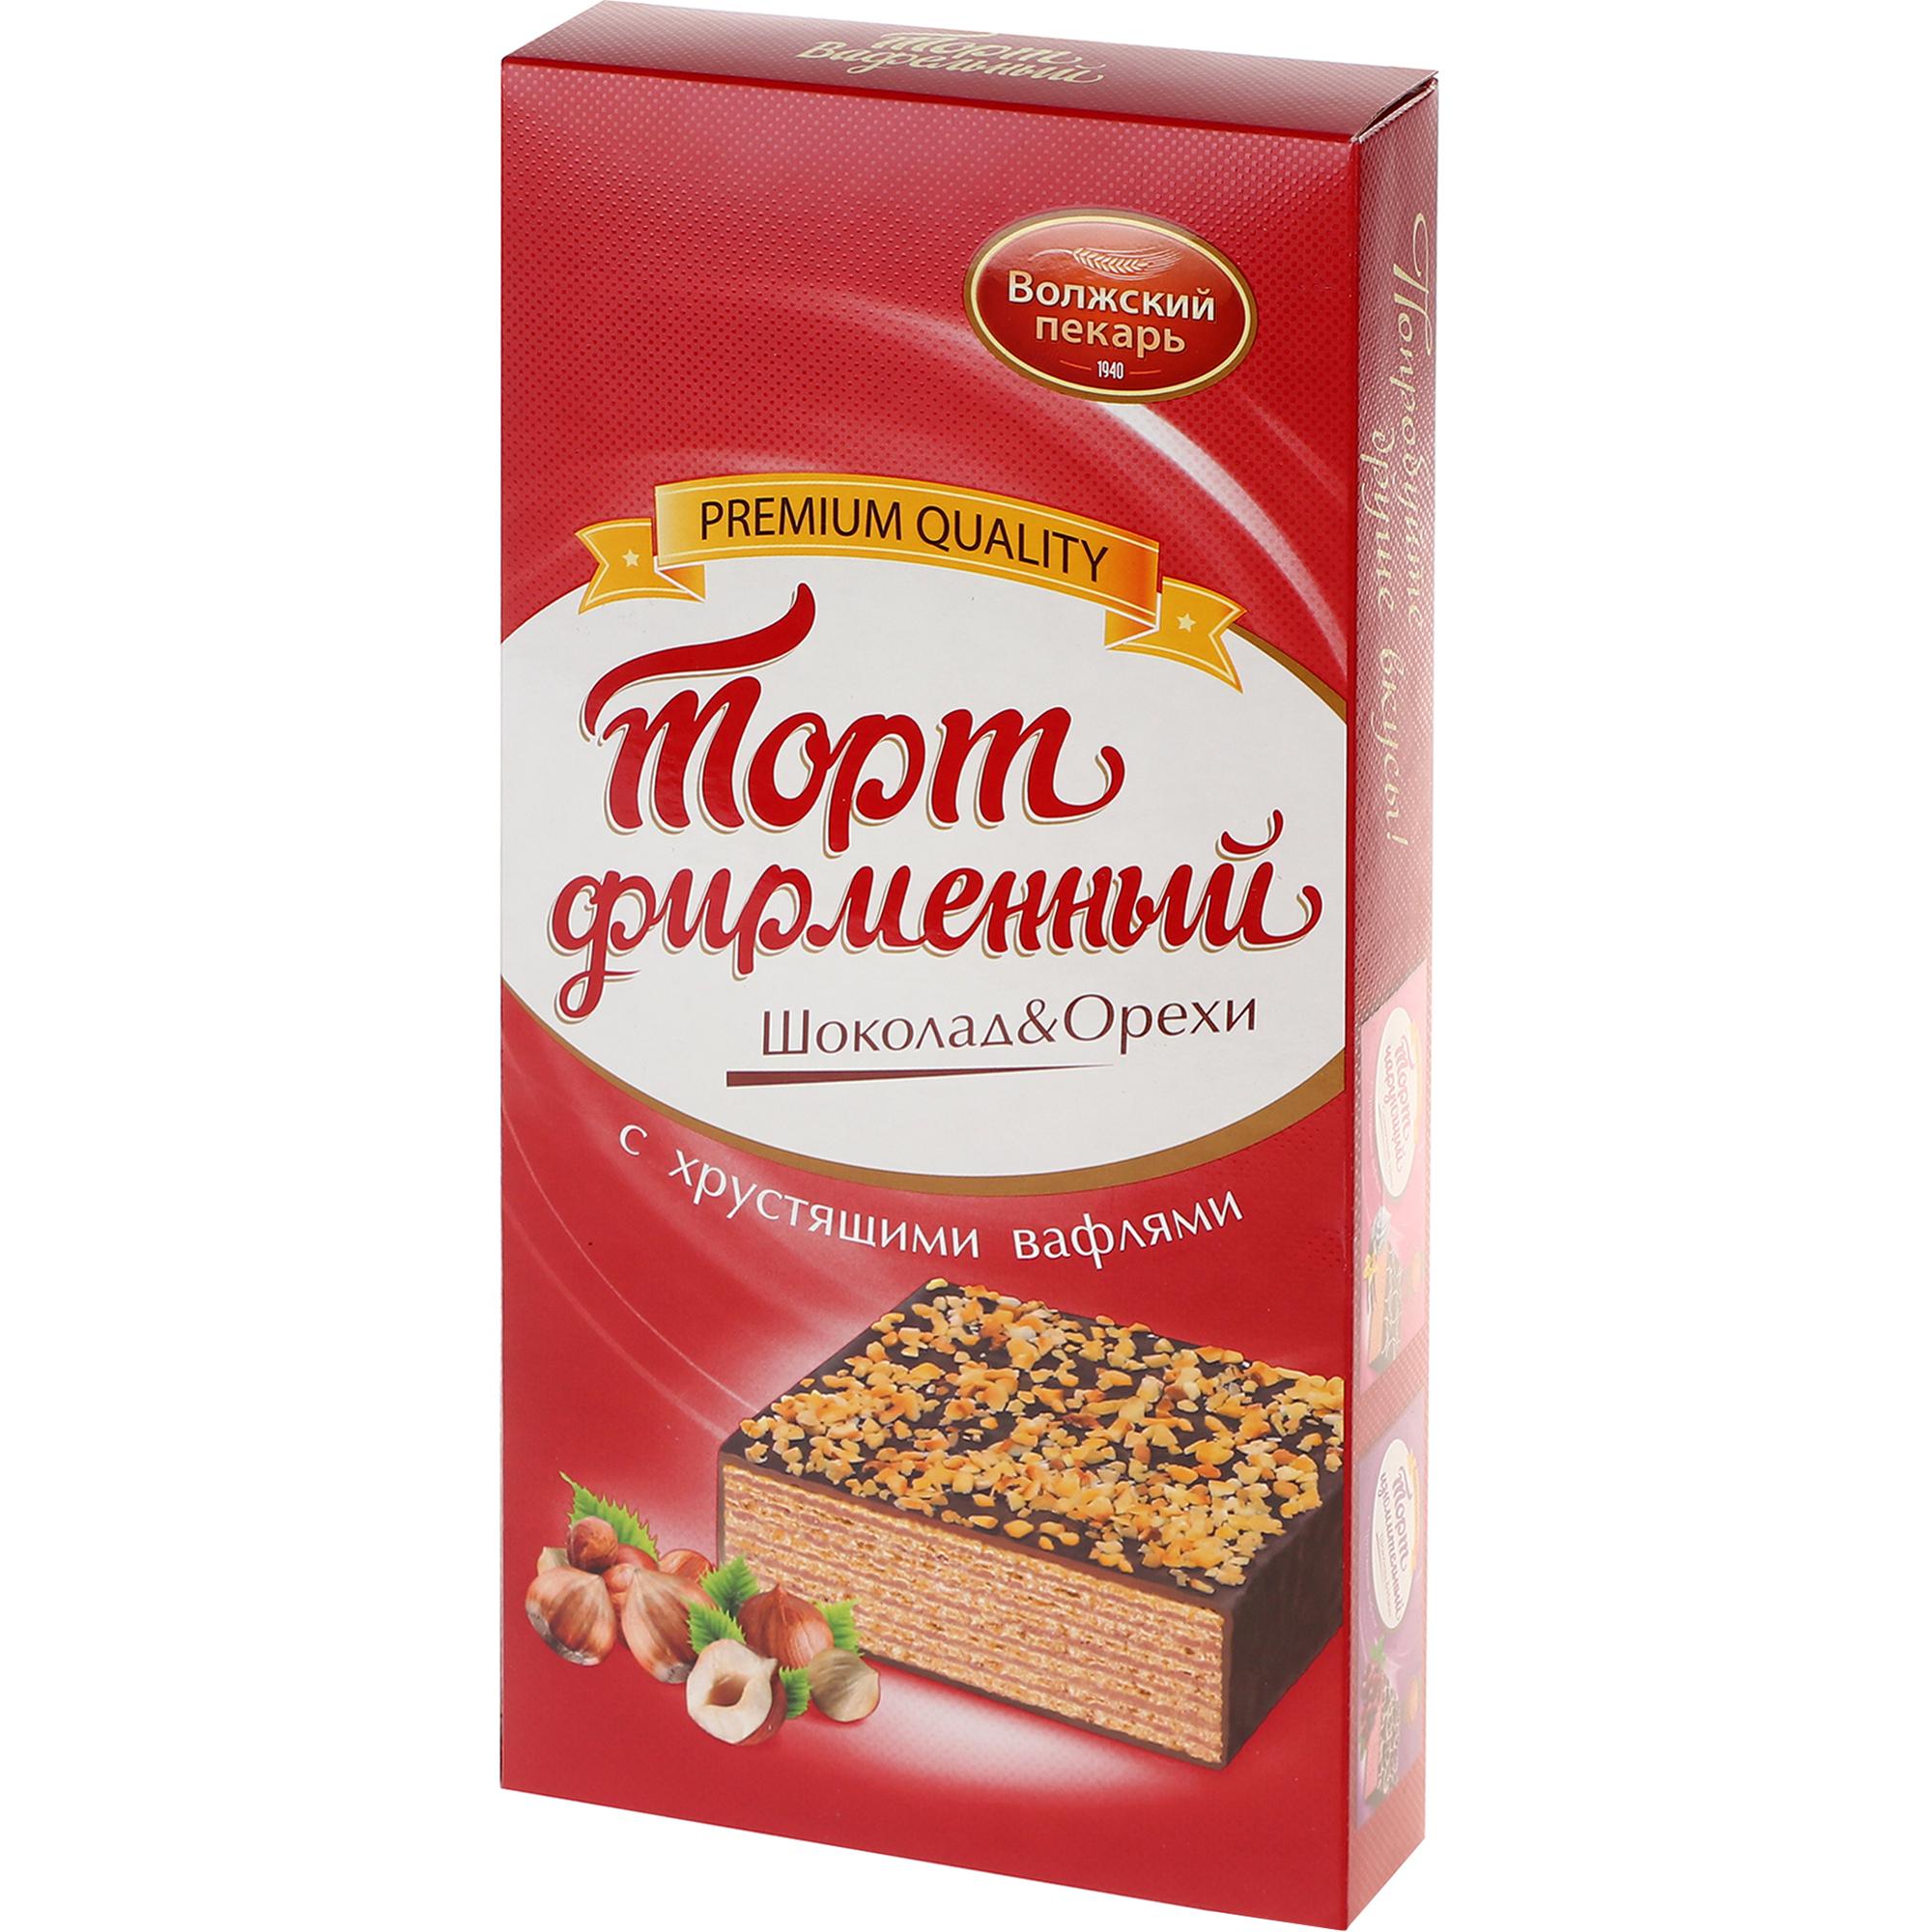 Торт вафельный Волжский пекарь шоколадный с орехами, 270 г